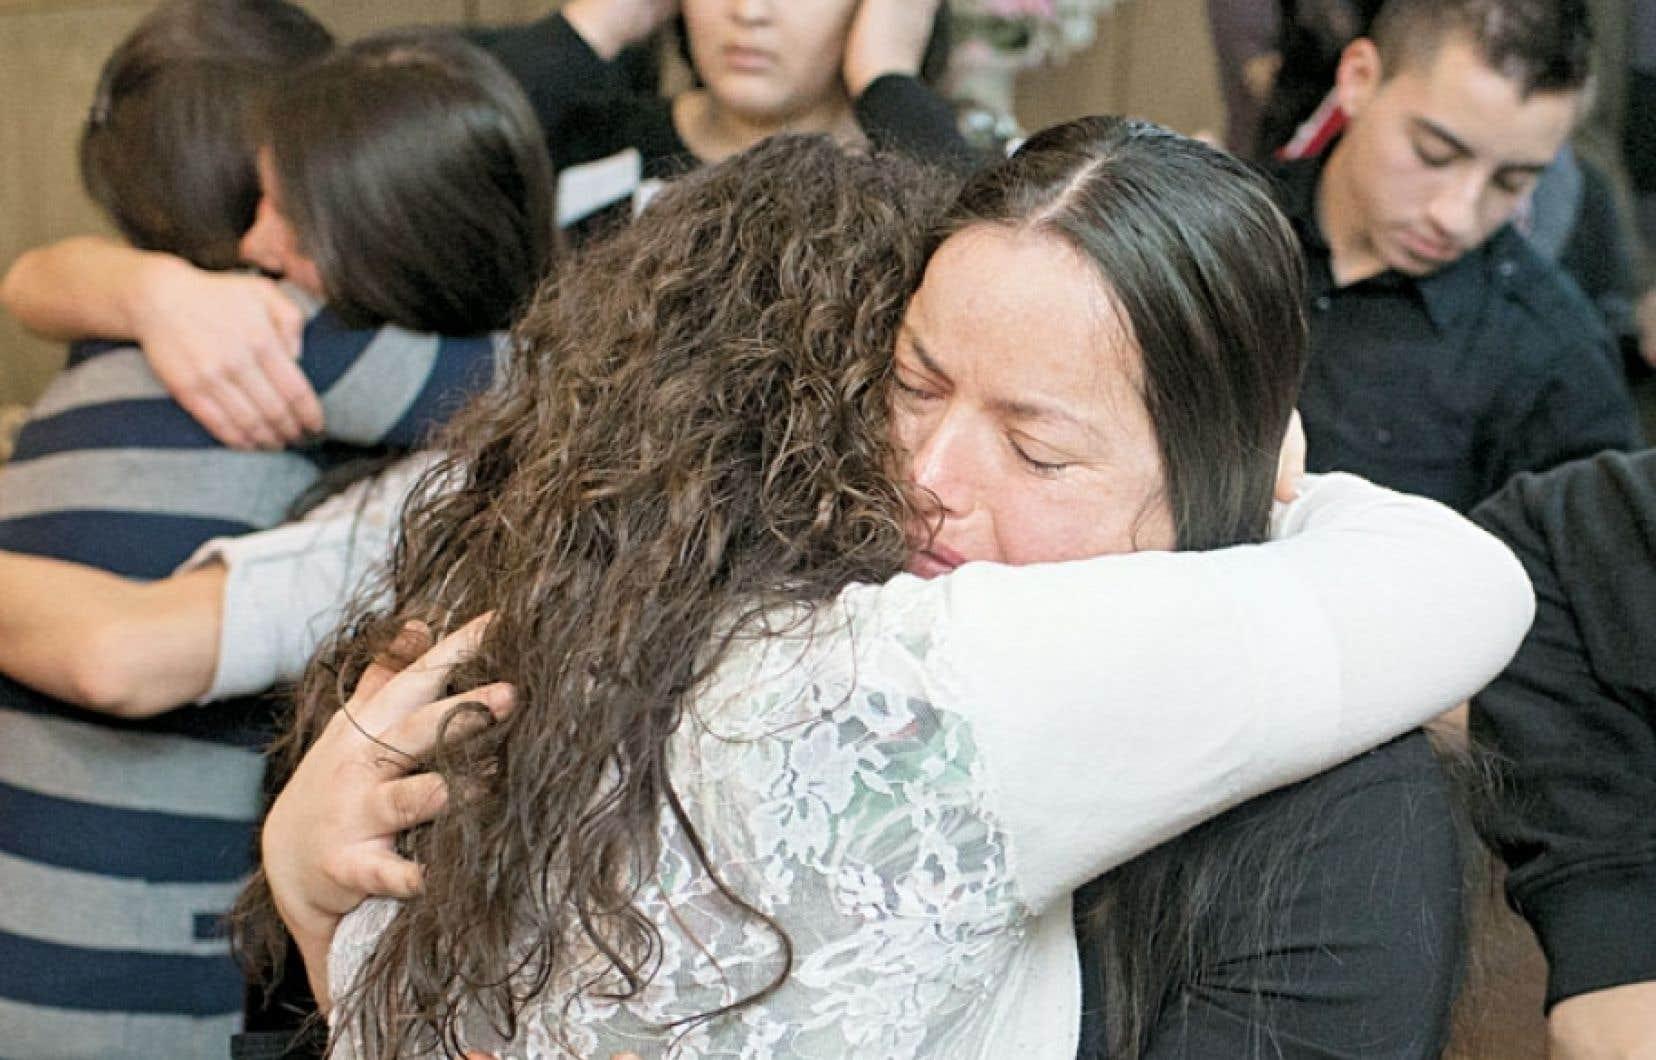 Marisol Mendez est réconfortée par une proche à l'église où sa famille avait demandé une révision de la décision gouvernementale les expulsant vers le Mexique. Les Reyes Mendez ont finalement été déportés en janvier dernier.